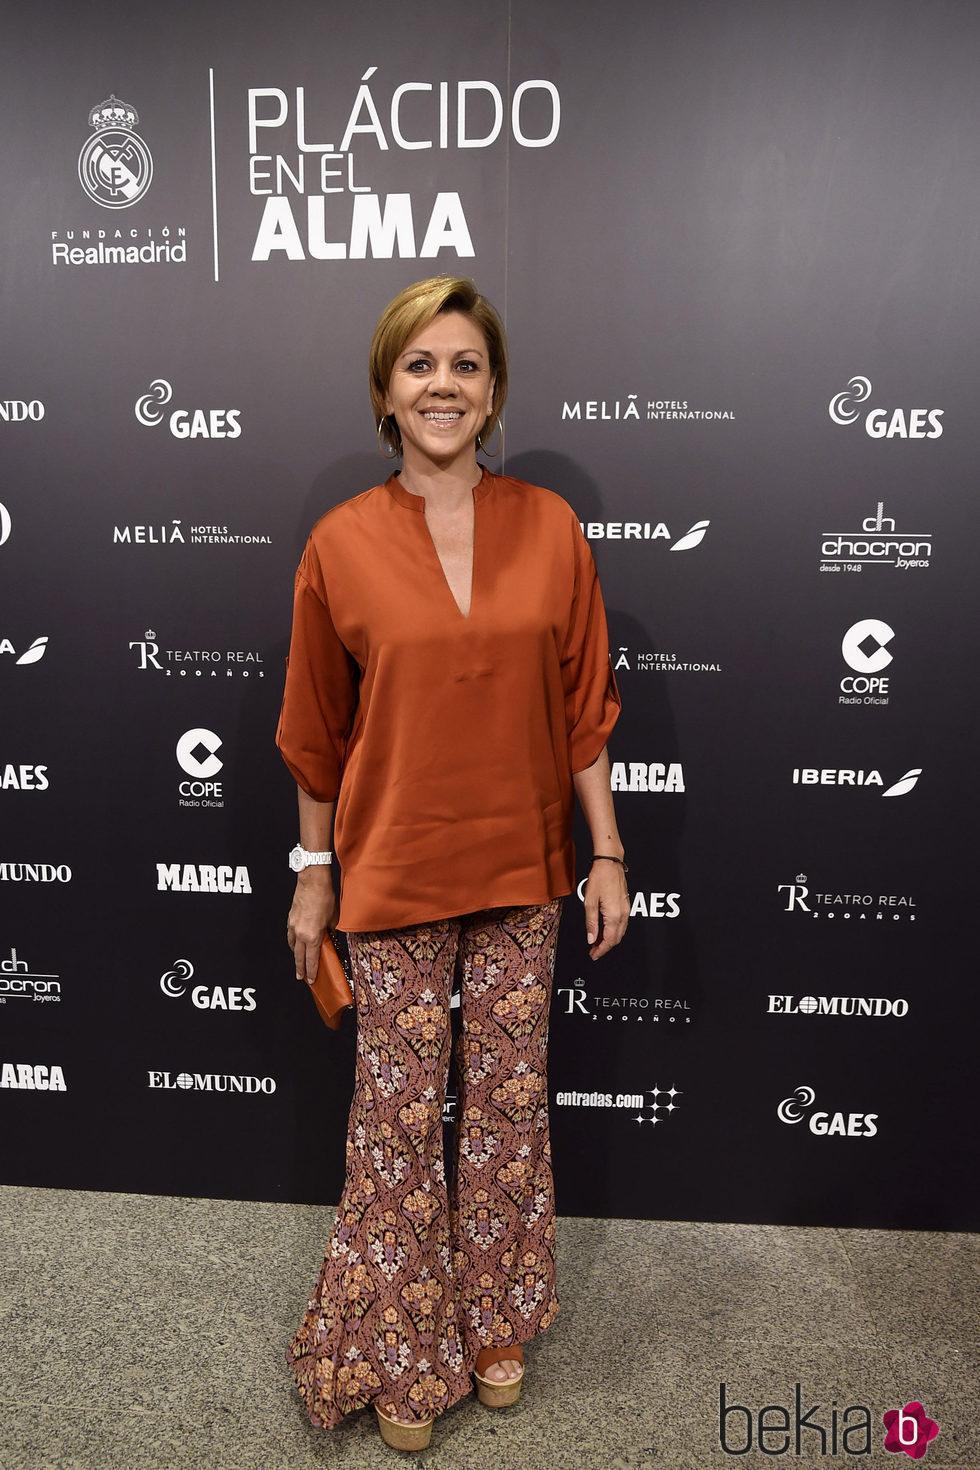 María Dolores de Cospedal en el concierto benéfico 'Plácido en el alma'